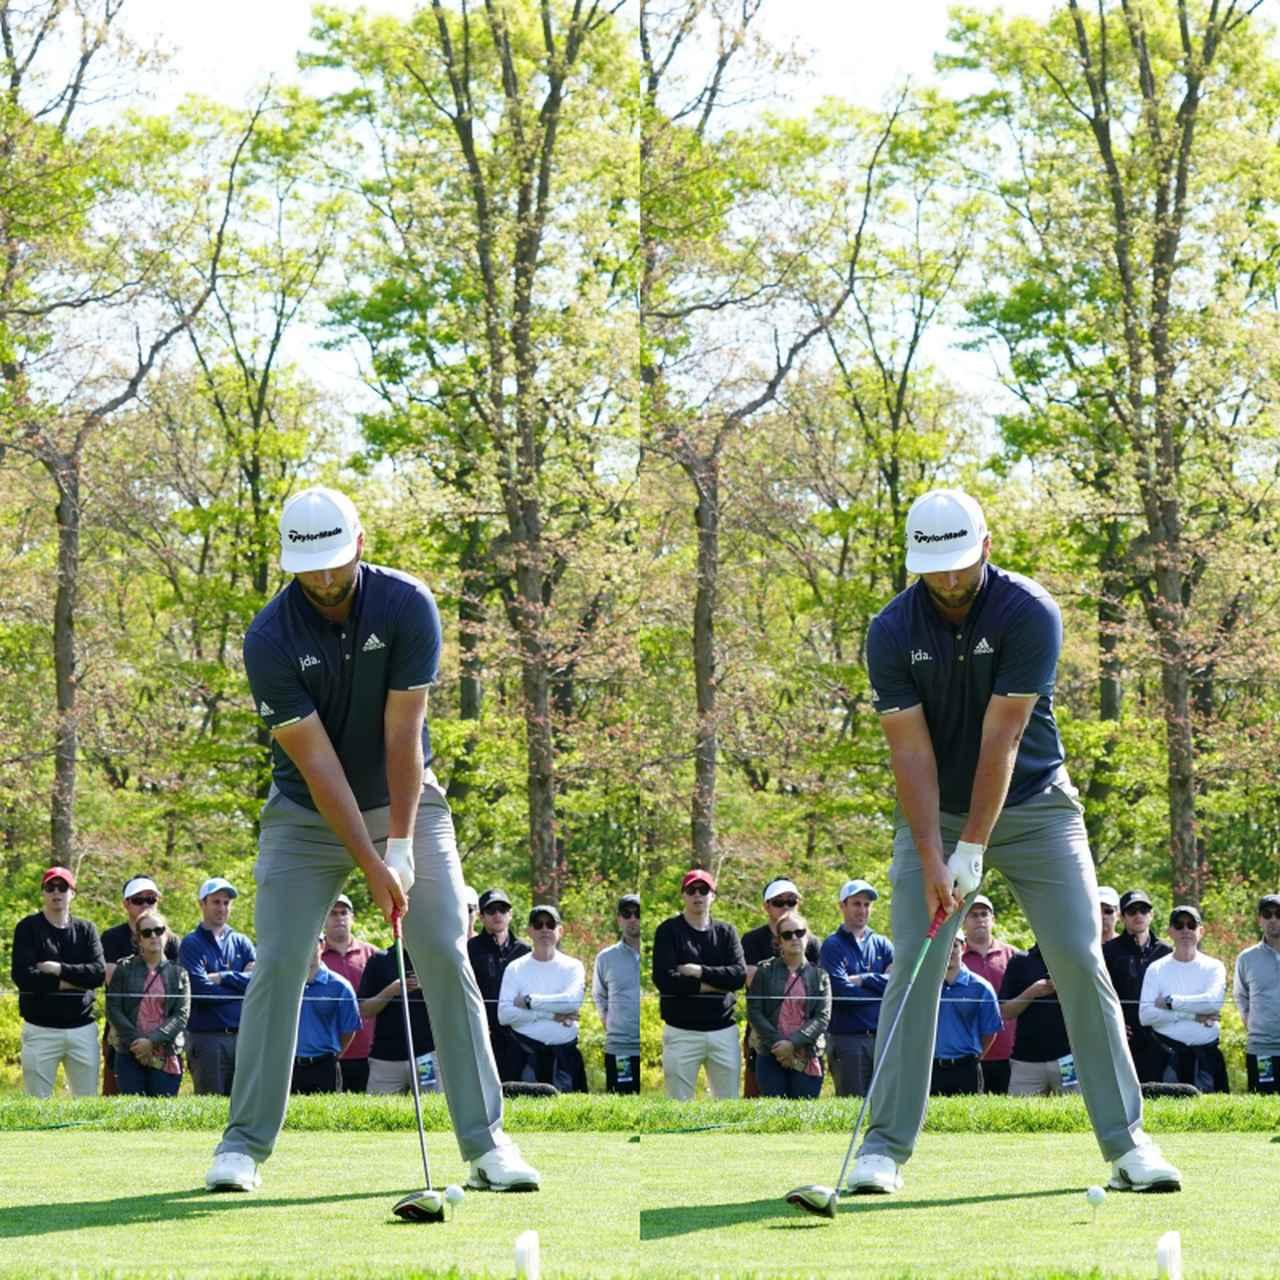 画像: 写真A:左手はウィーク、右手はスクェアに握るグリップでフェースをボールに向けたまま始動する(写真は2019年の「全米プロゴルフ選手権」写真/姉崎正)